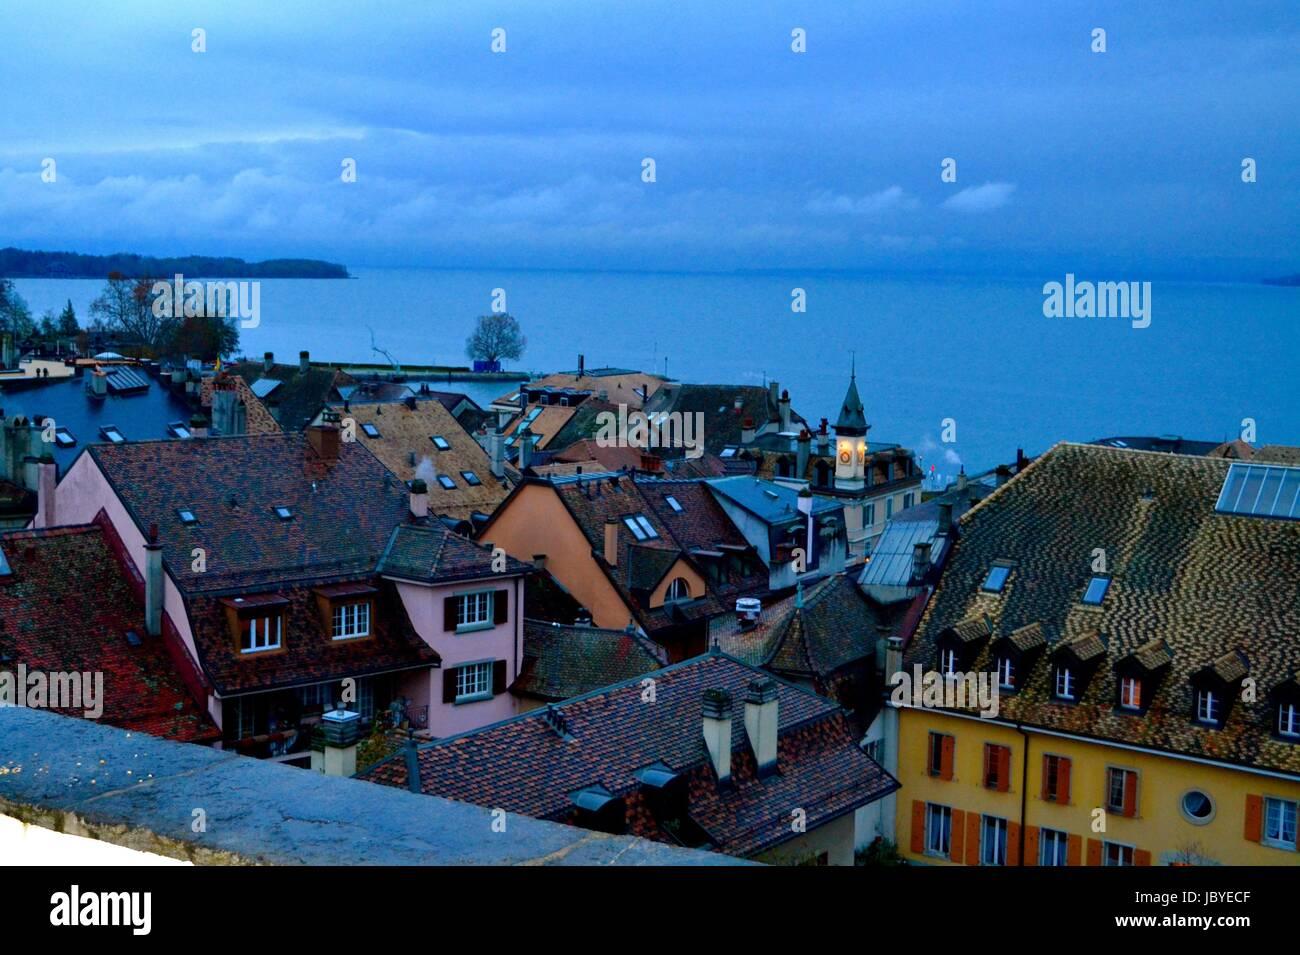 village on Lake Geneva, Switzerland - Stock Image